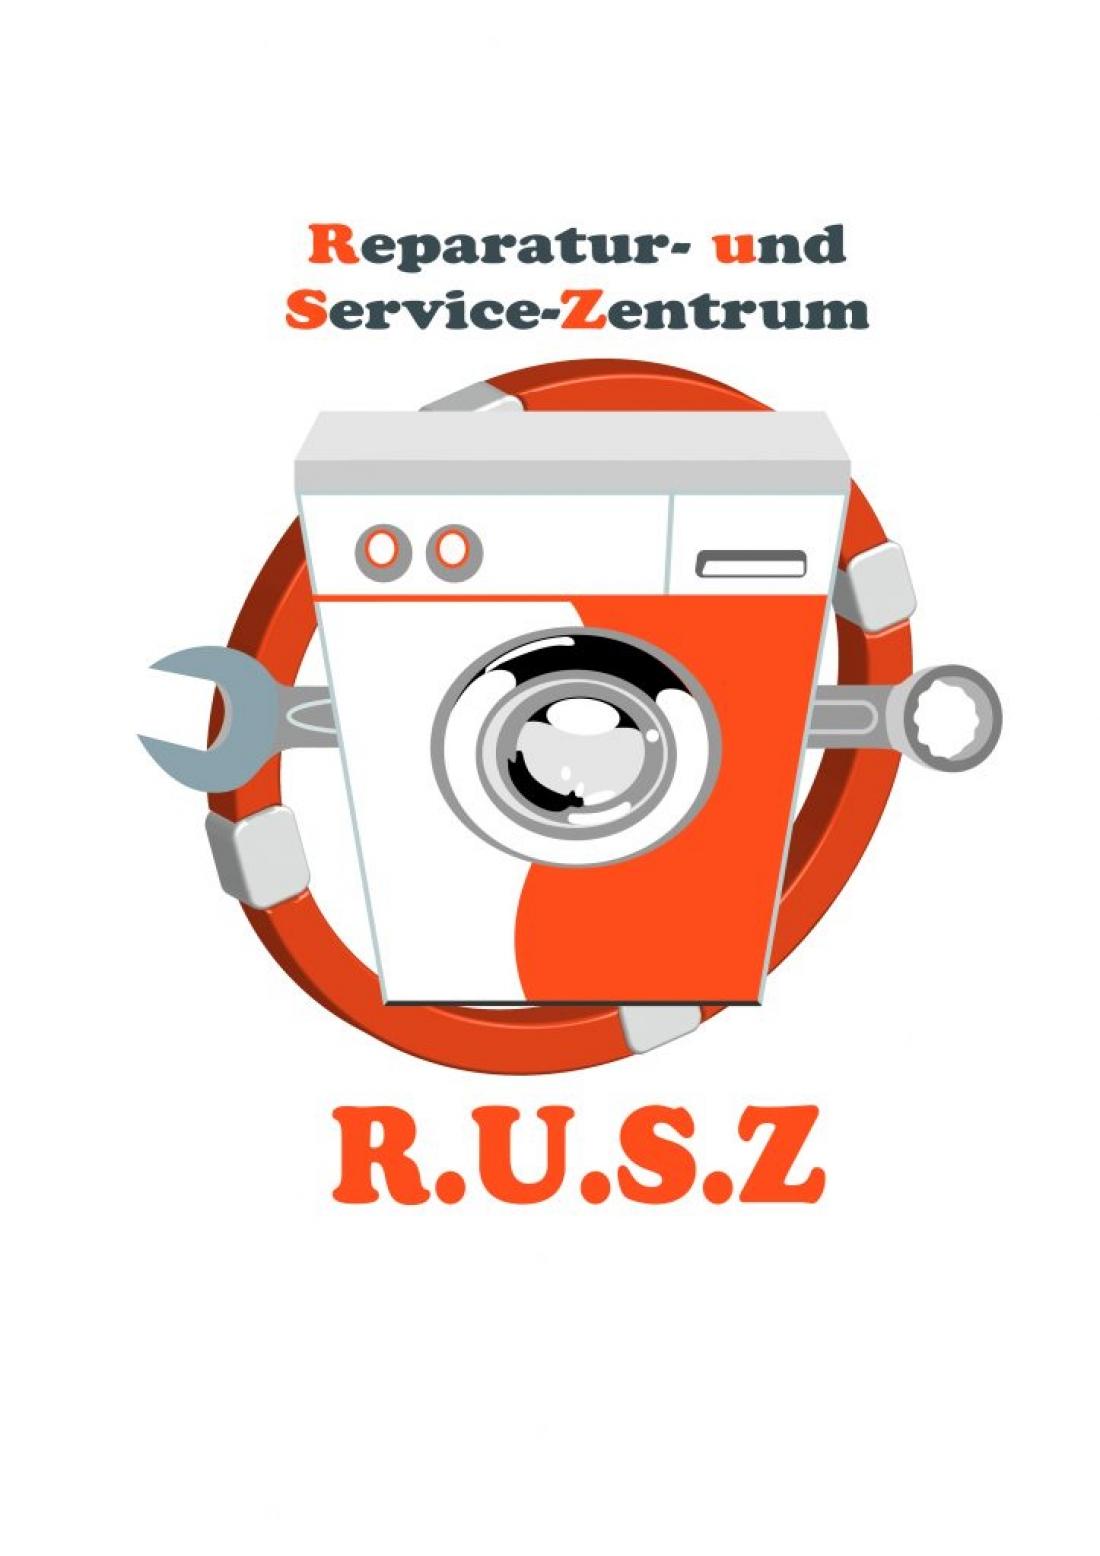 Logo Reparatur- und Service-Zentrum R.U.S.Z